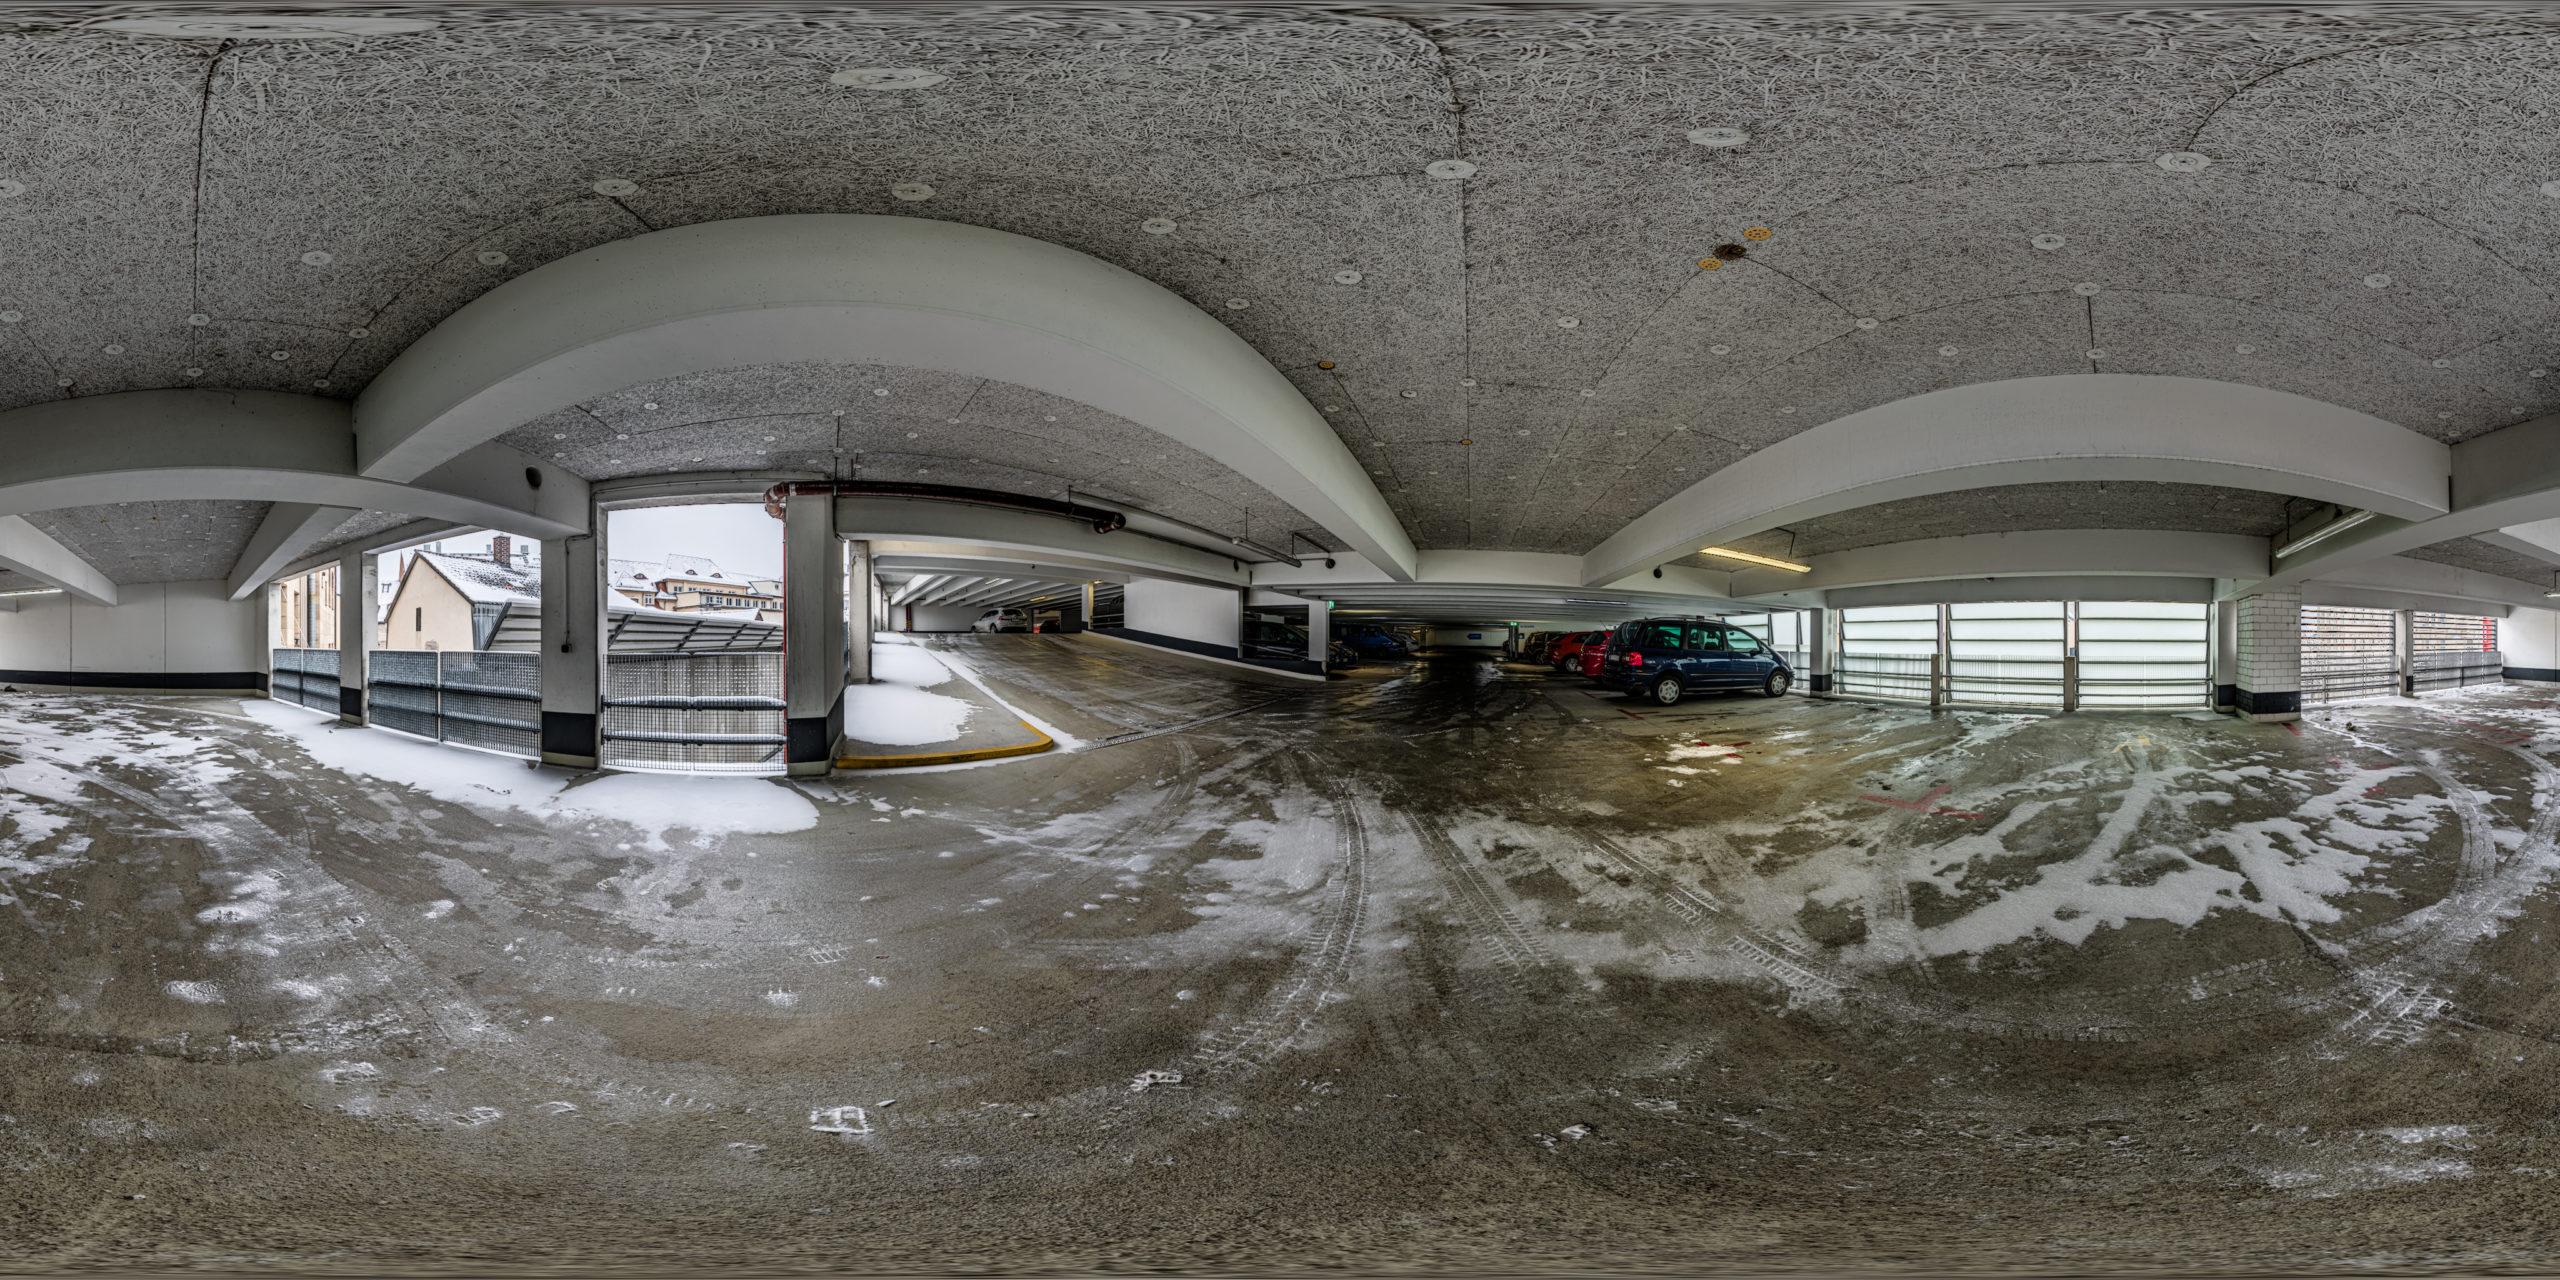 HDRI-Skies-Parking-Garage-Mathildenstraße-Fürth